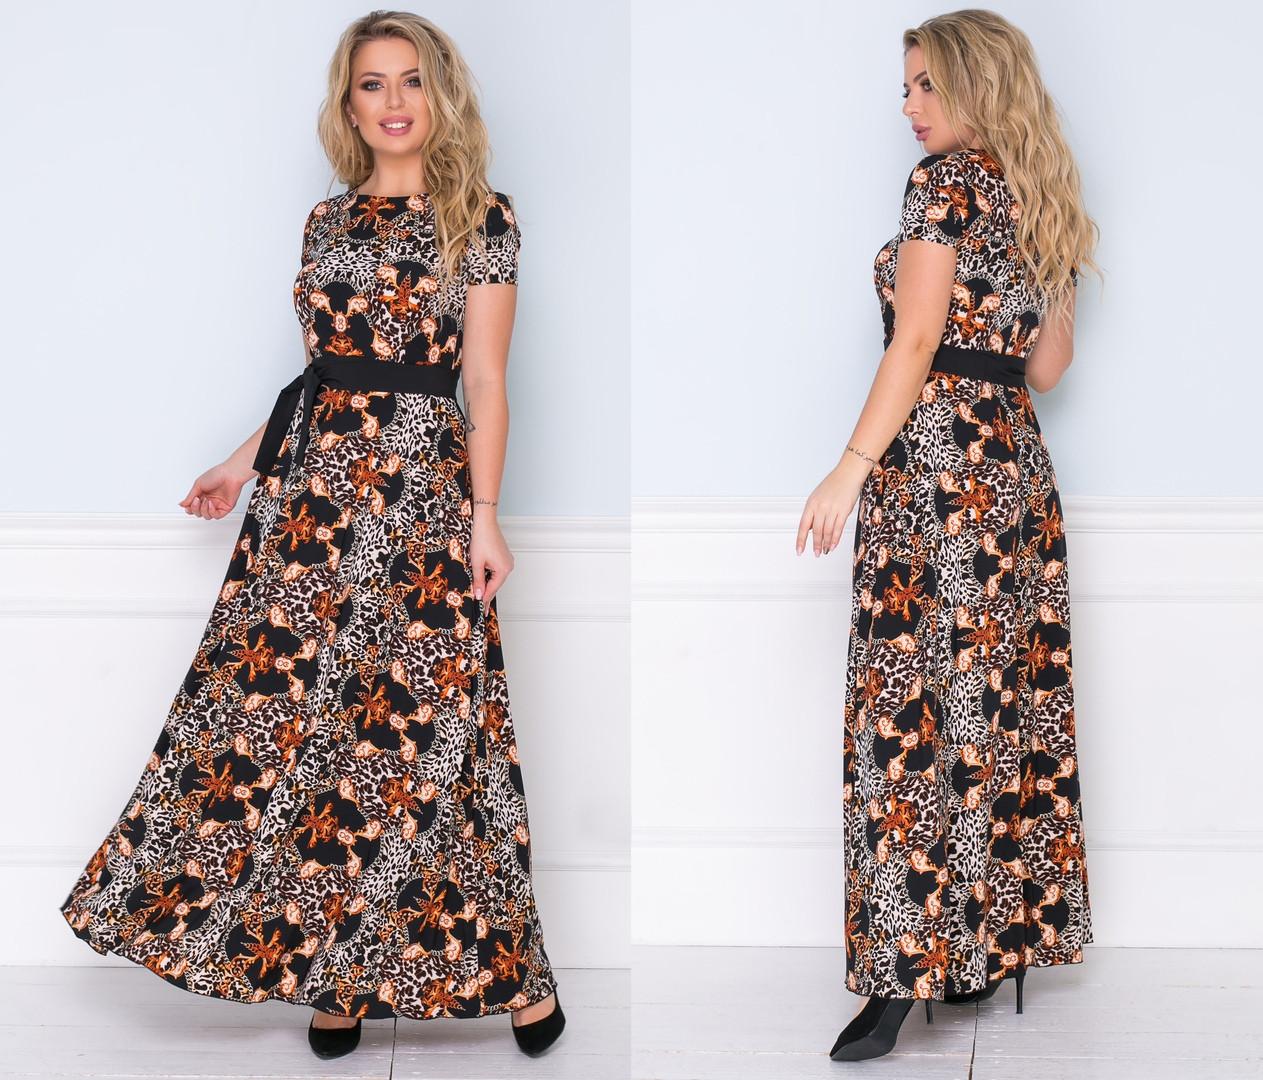 """Нарядное длинное платье в больших размерах 1216 """"Софт Принт Макси Пояс Контраст"""""""